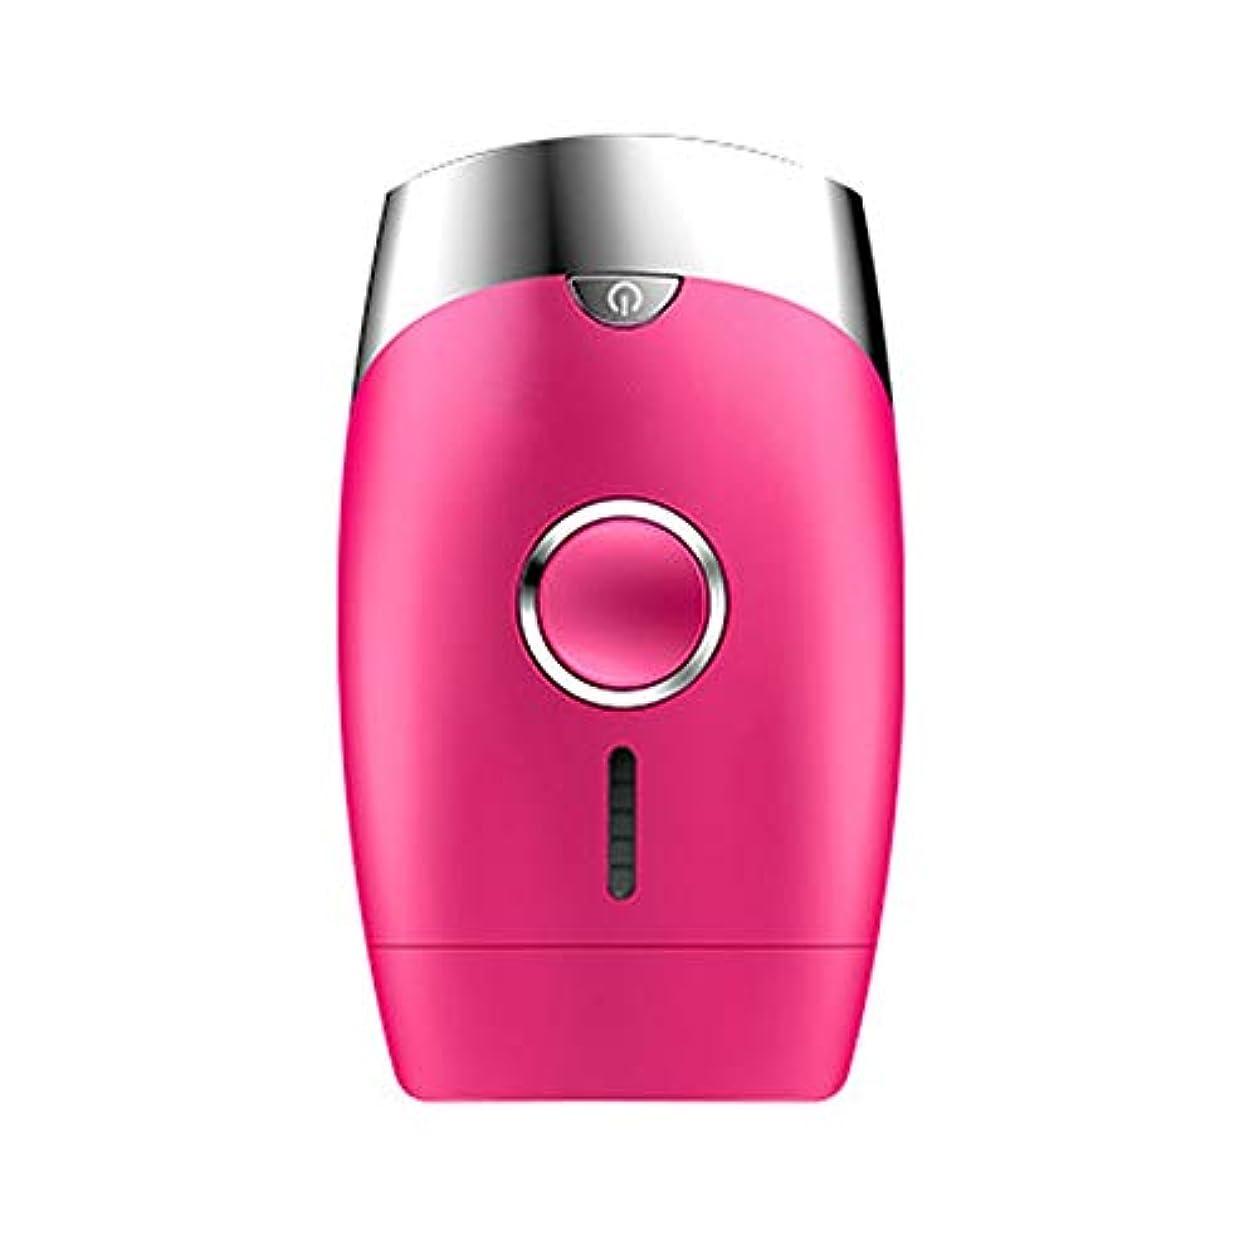 スペル下品ぶどうXihouxian ピンク、5スピード調整、インテリジェント家庭用痛みのない凝固点ヘアリムーバー、シングルフラッシュ/連続フラッシュ、サイズ13.9 X 8.3 X 4.8 Cm D40 (Color : Pink)